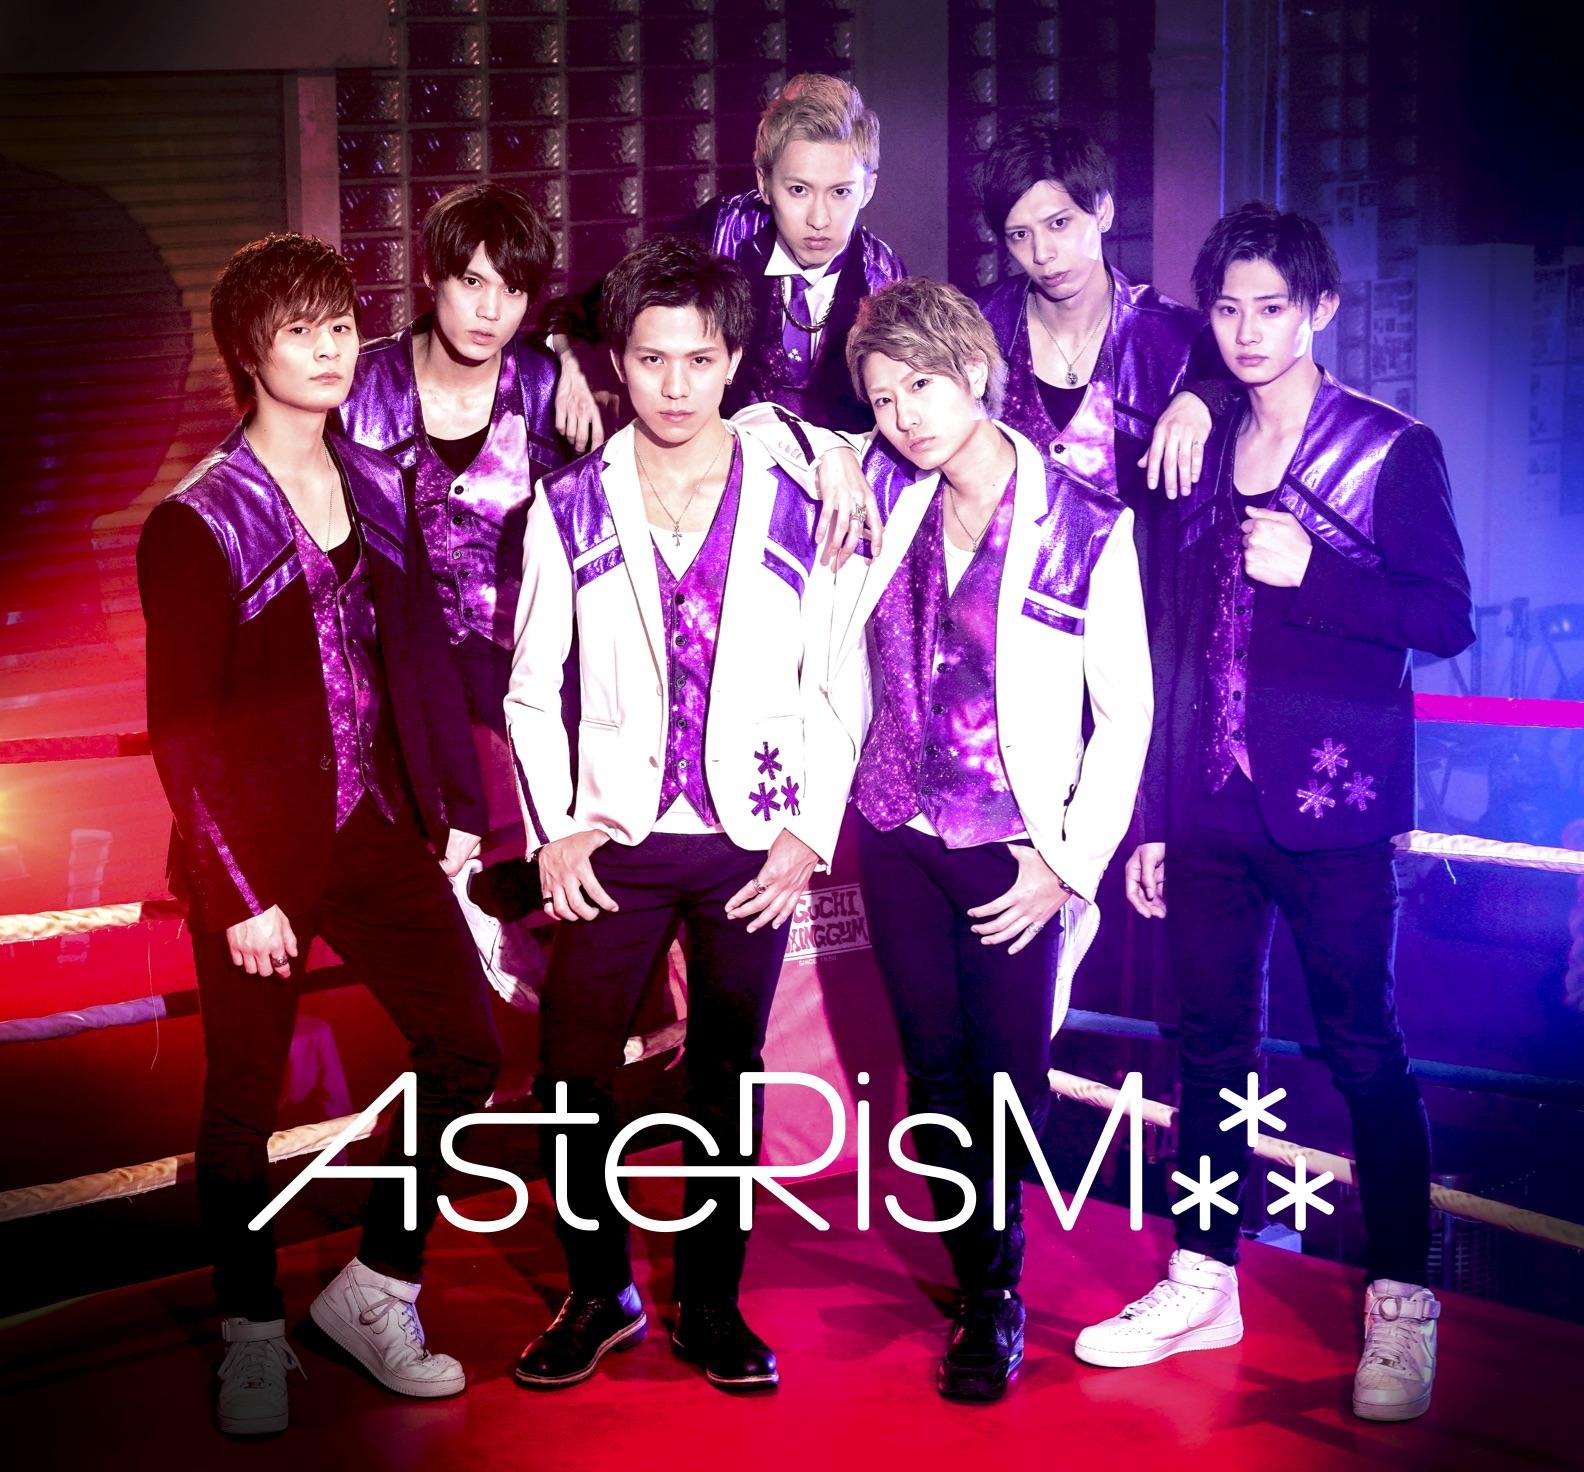 【AsteRisM⁂定期公演】  RisM Night